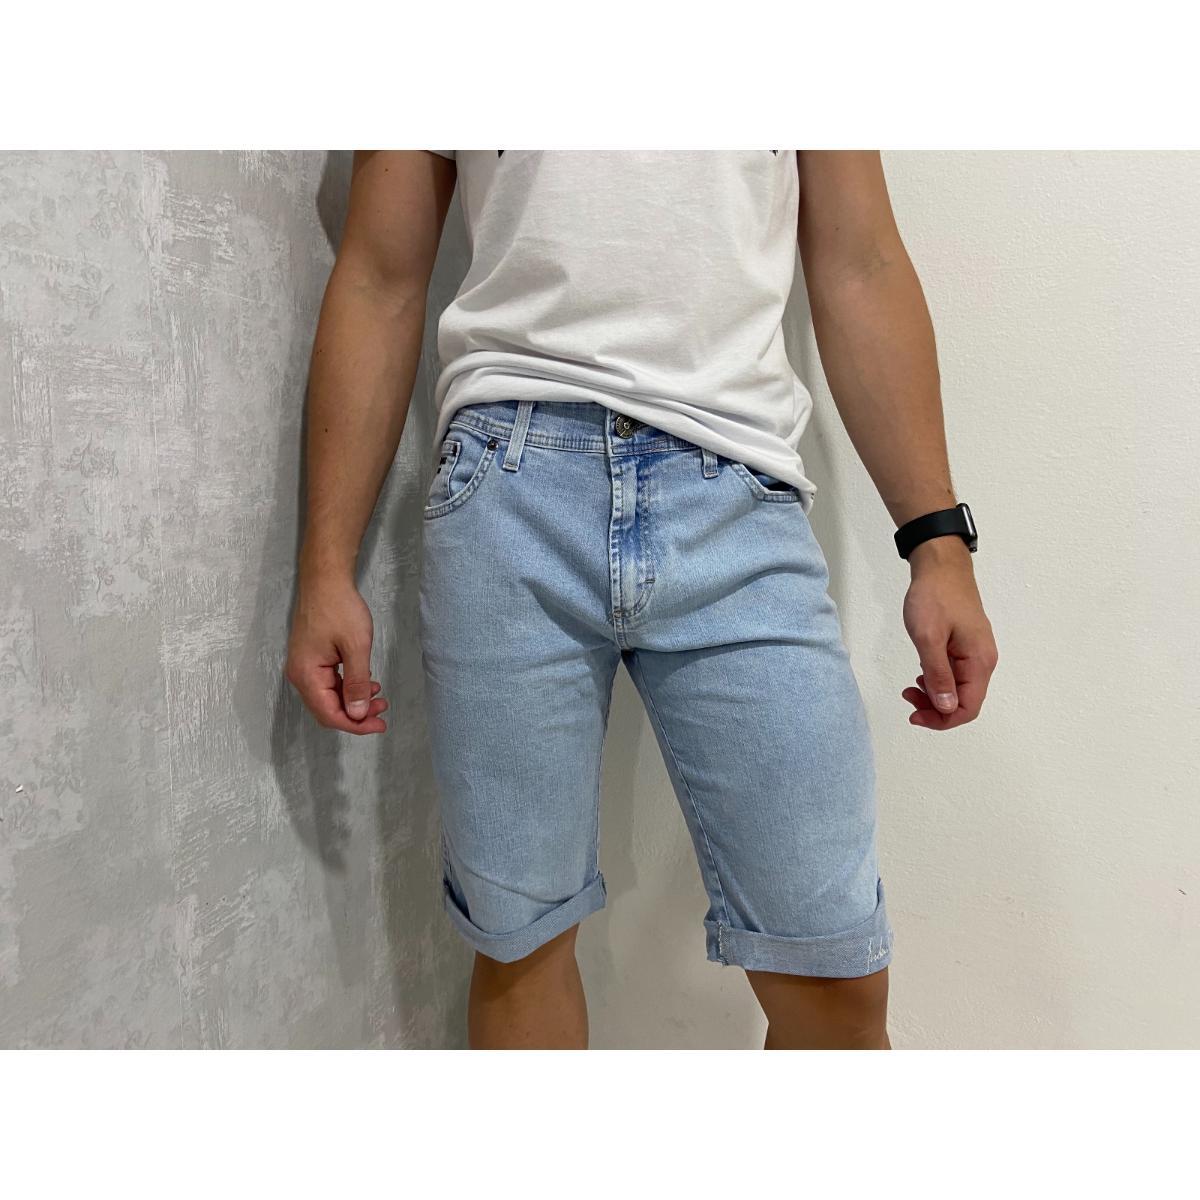 Bermuda Masculina Index 02.01.1000752 Jeans